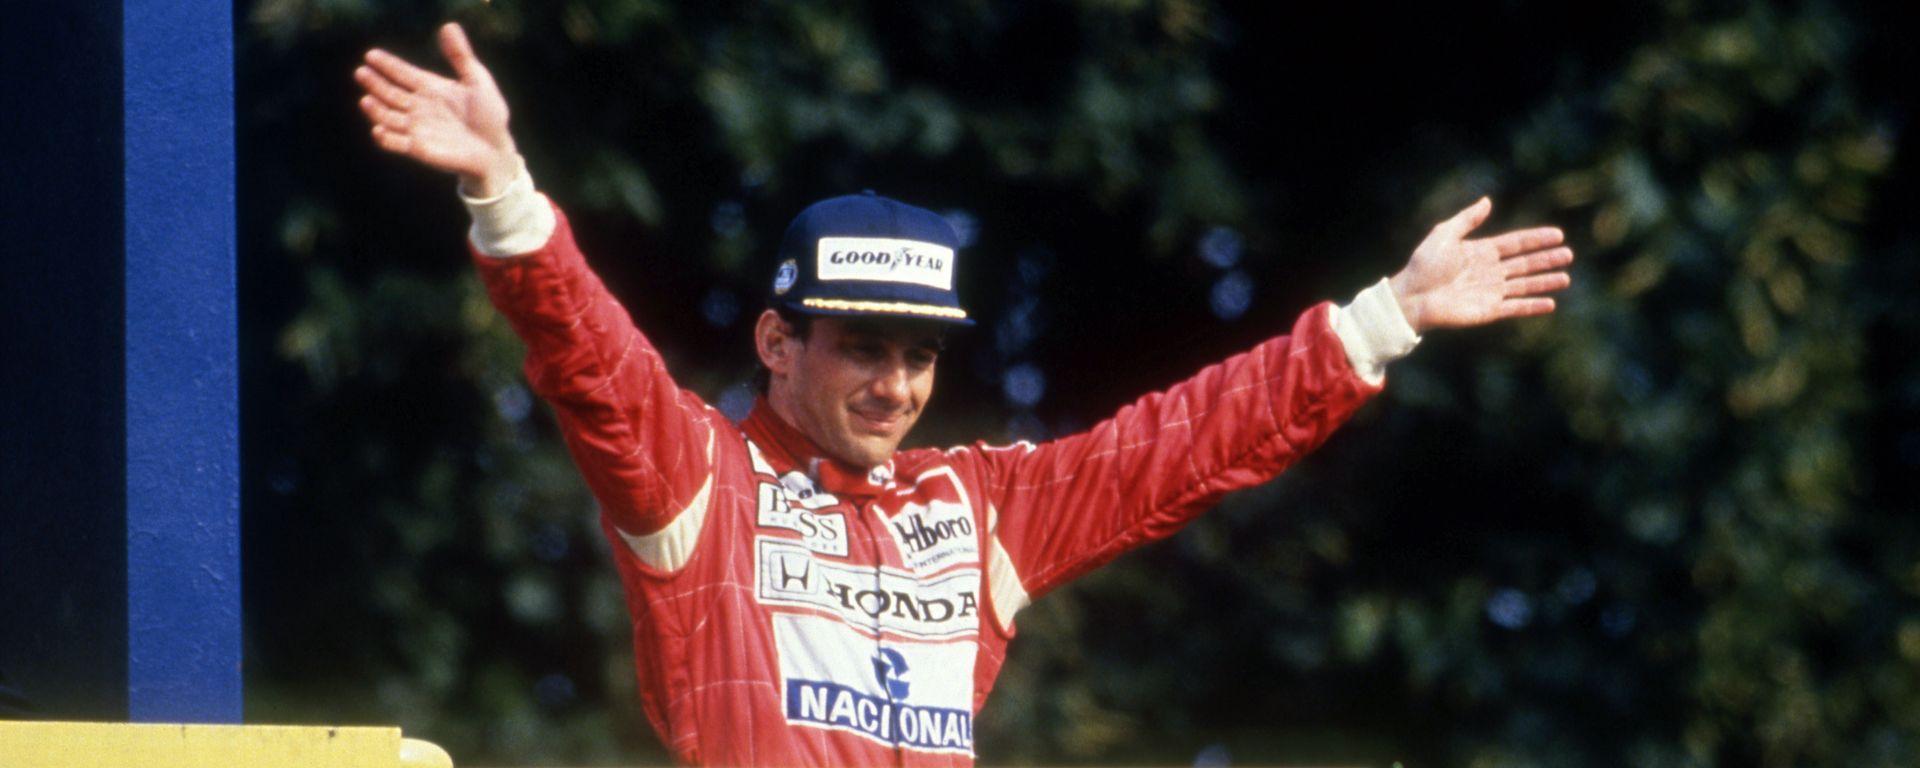 F1 1992: Ayrton Senna (McLaren)